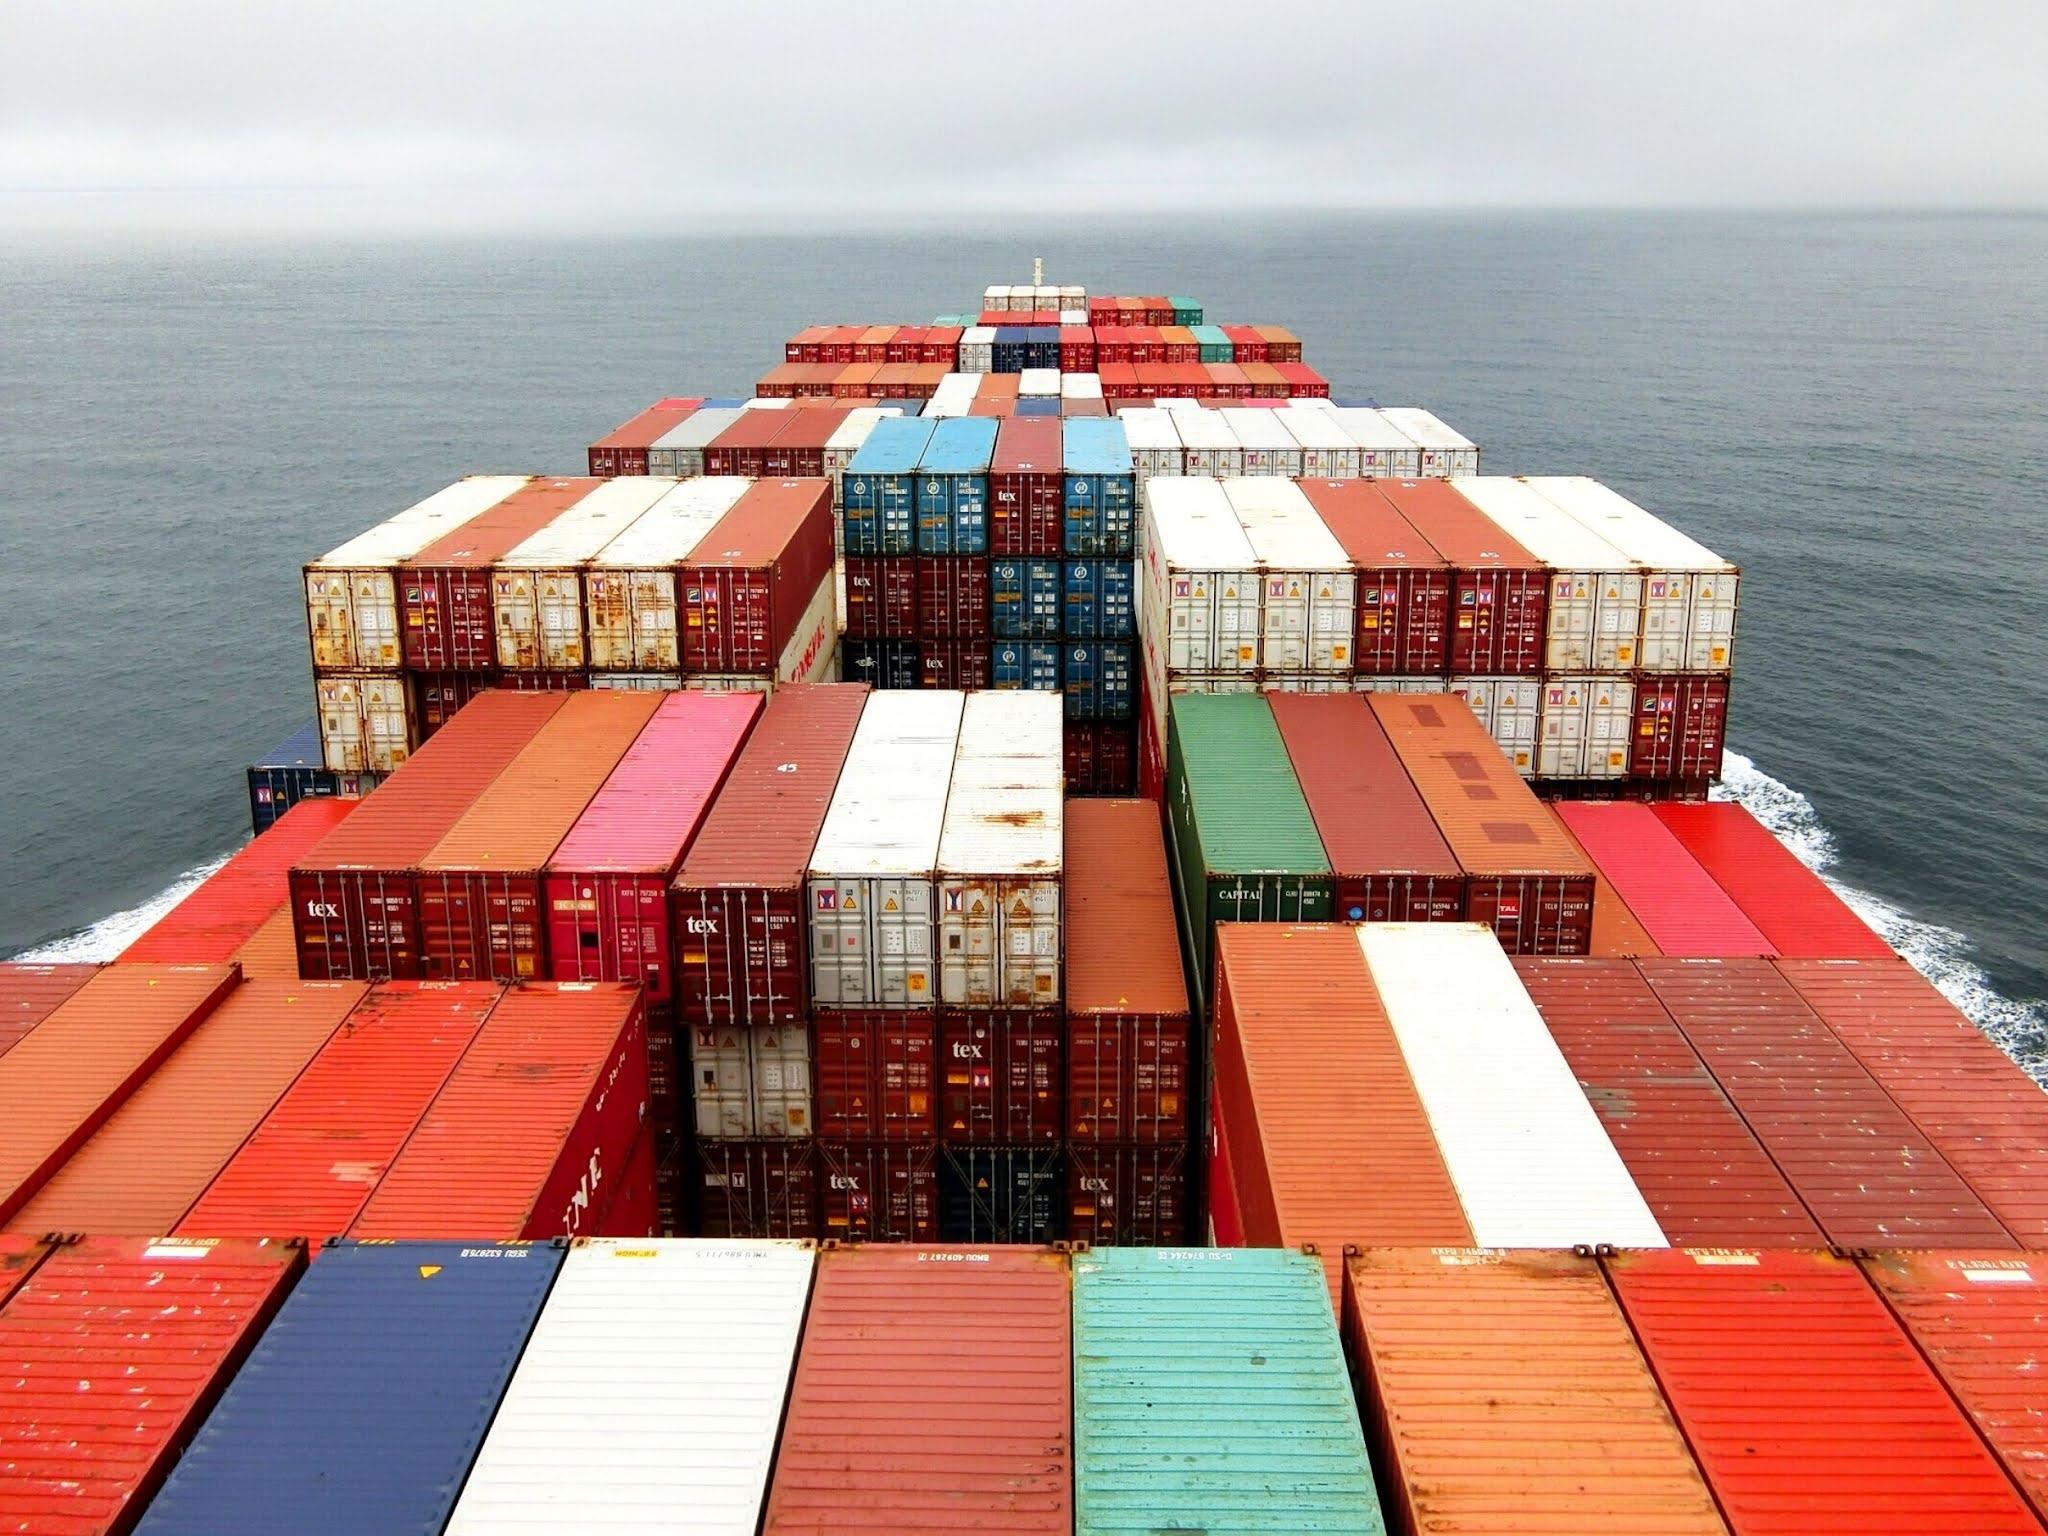 Atrasos nos portos pode comprometer vendas de Natal